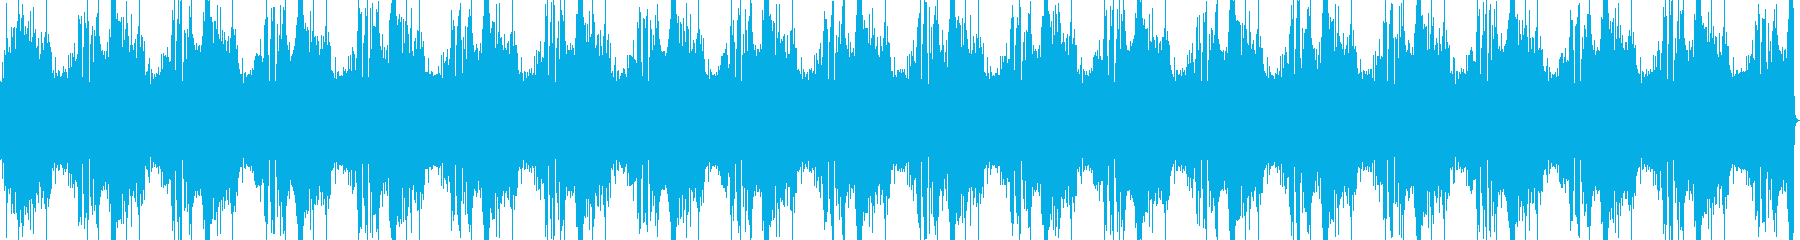 ドラクエ風フィールド曲・16分ループの再生済みの波形